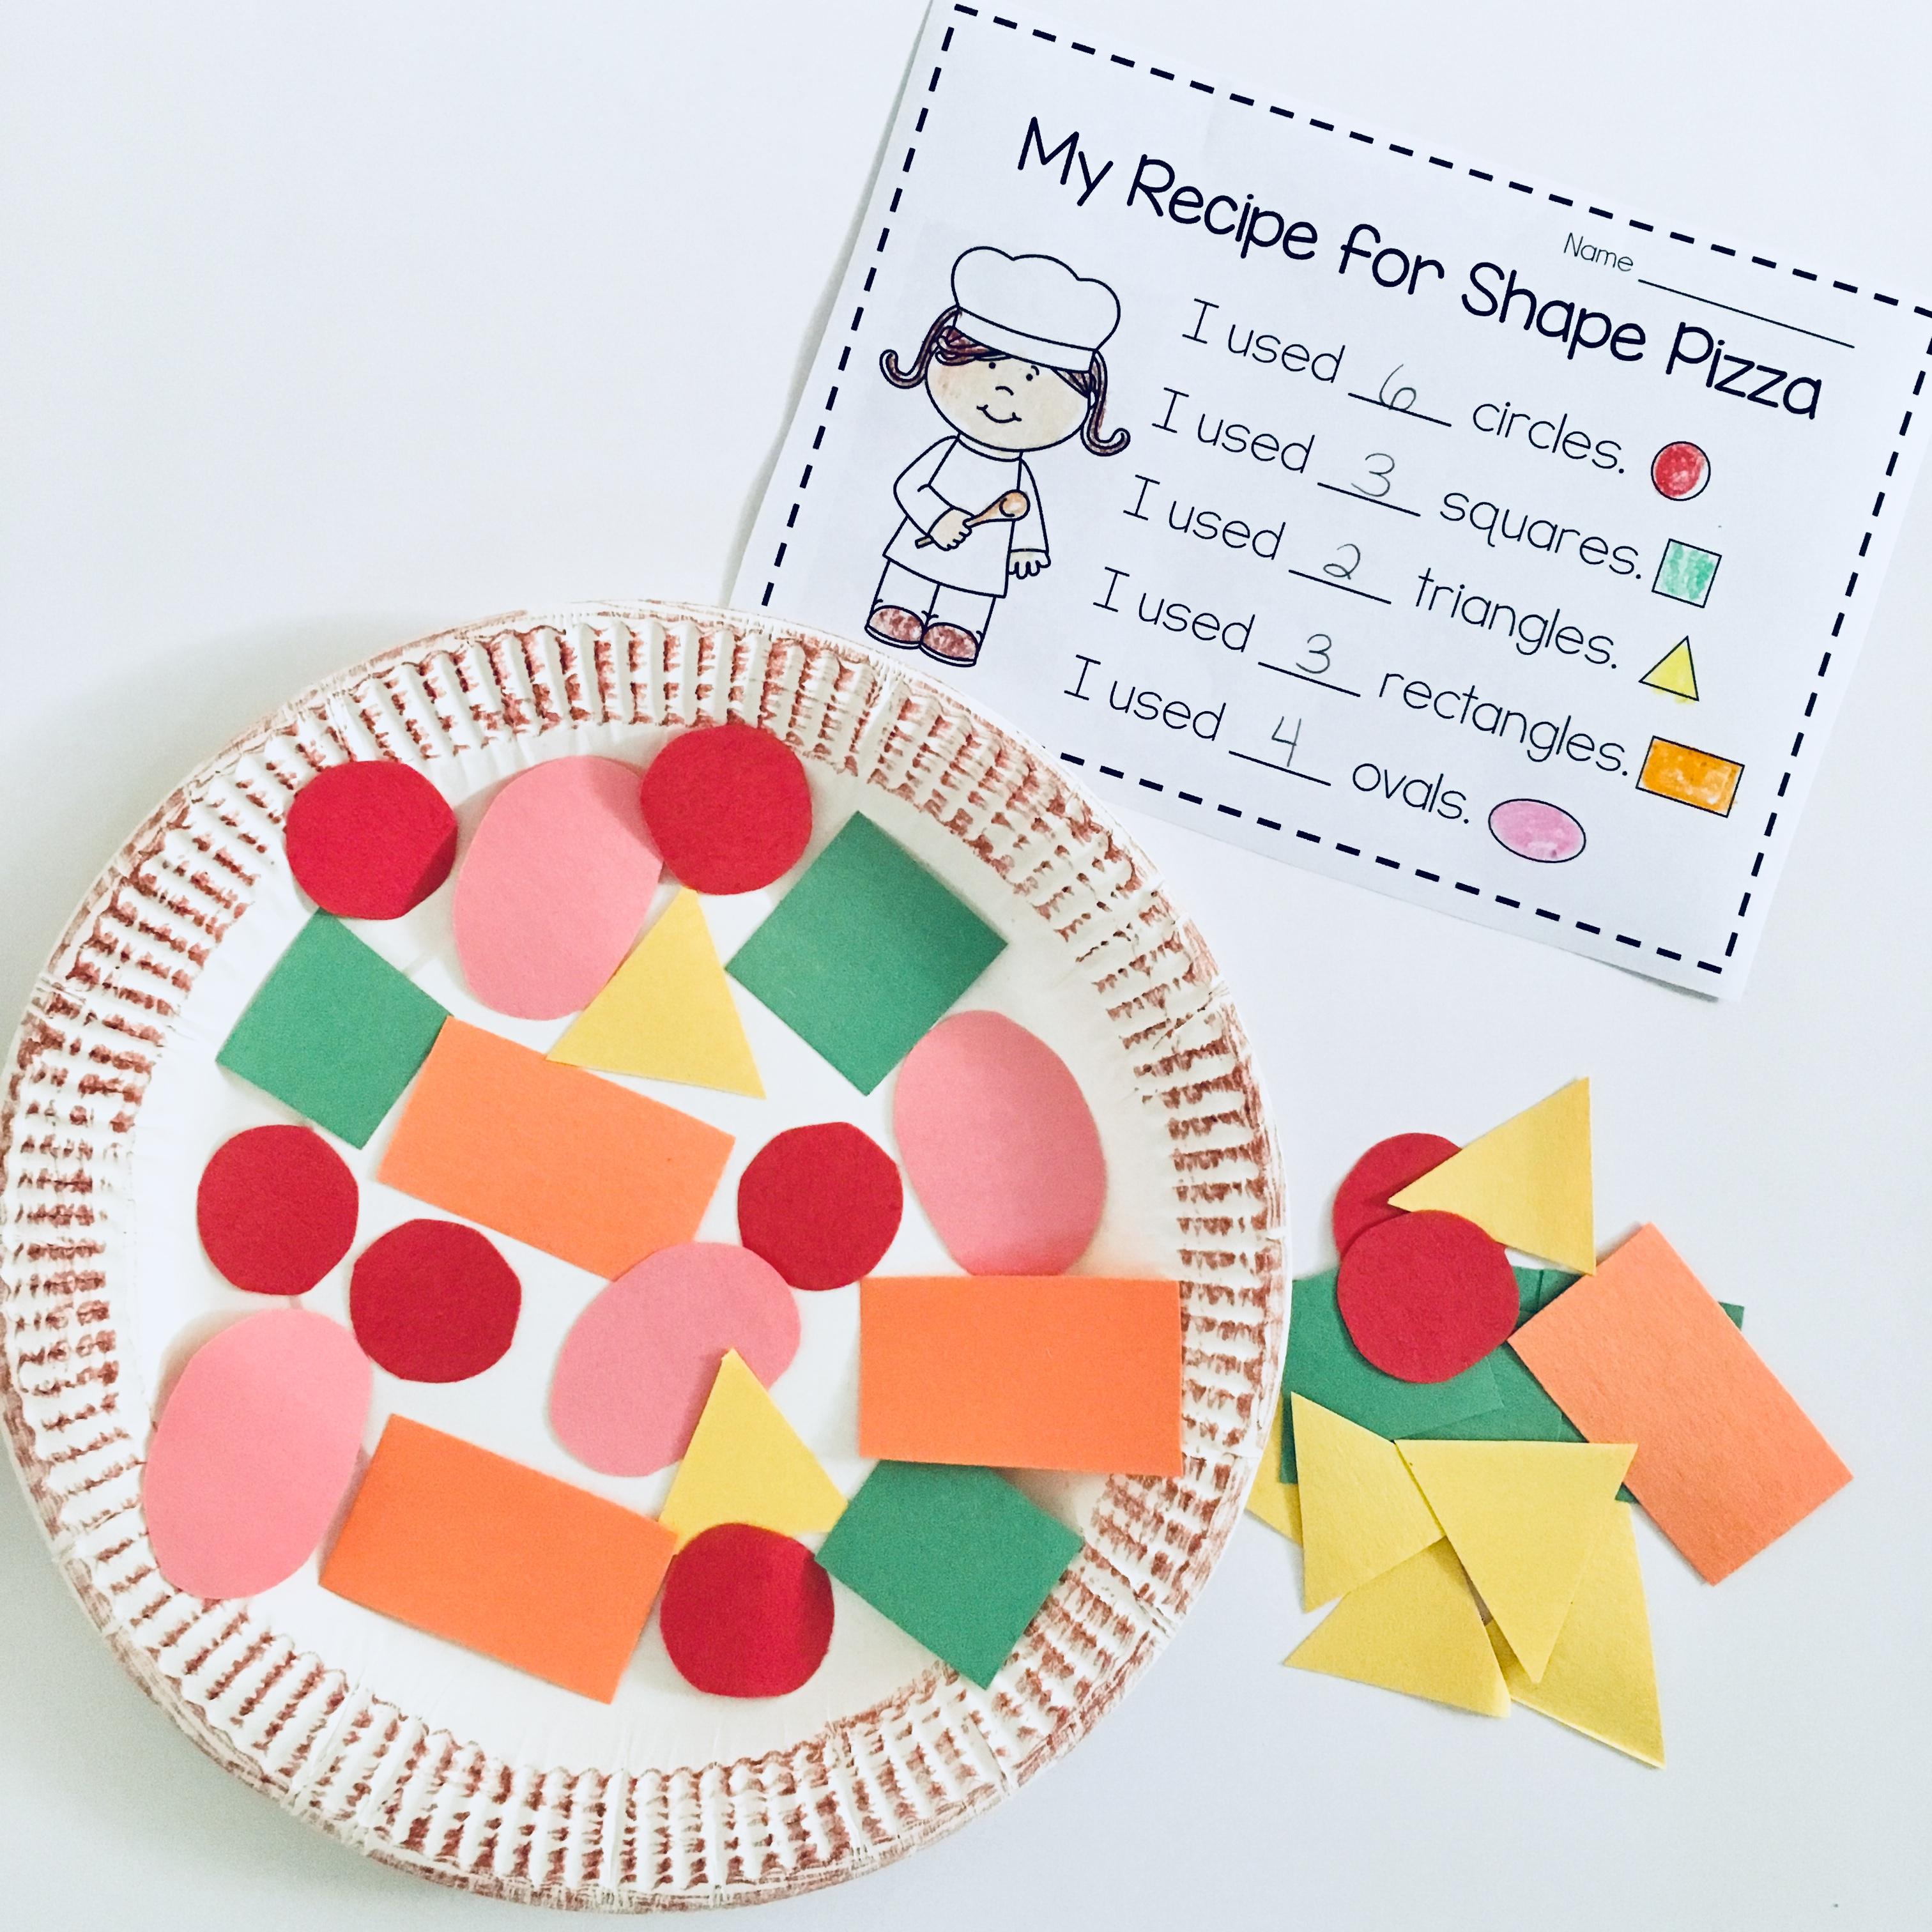 Pizza Shapes Worksheet